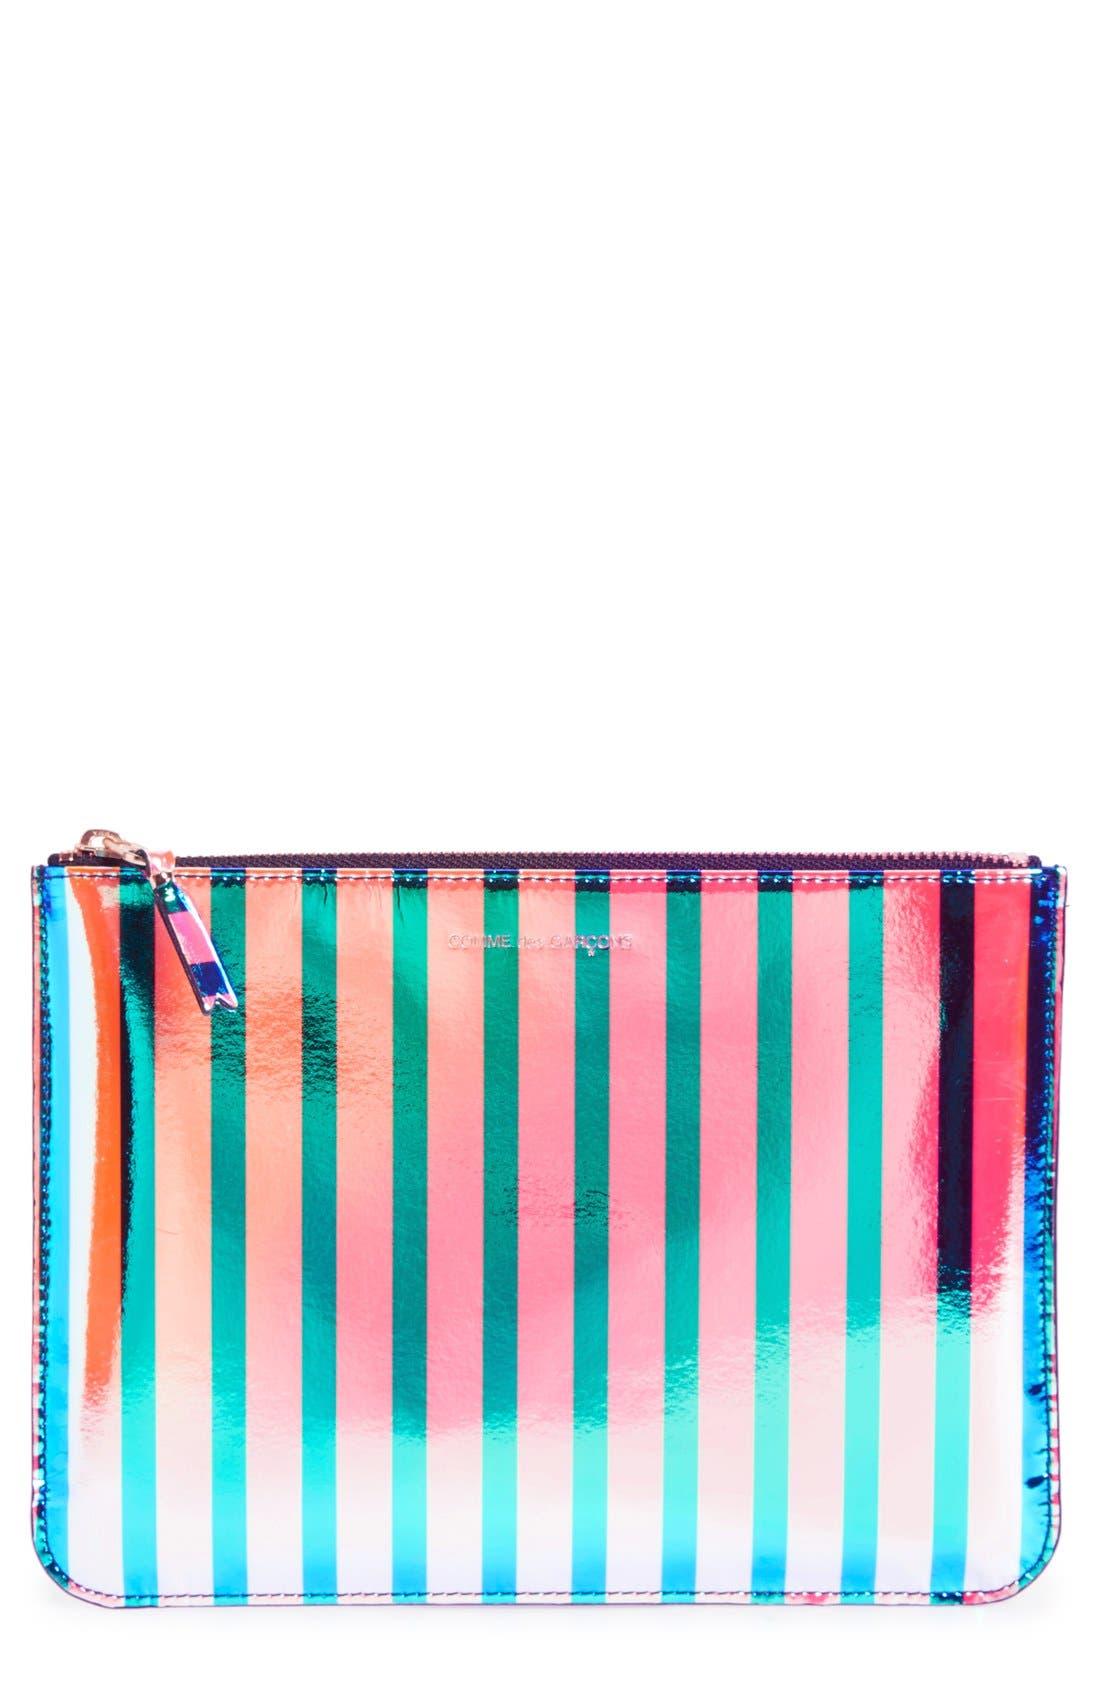 COMME DES GARÇONS 'Crazy Stripes' Leather Pouch, Main, color, 650